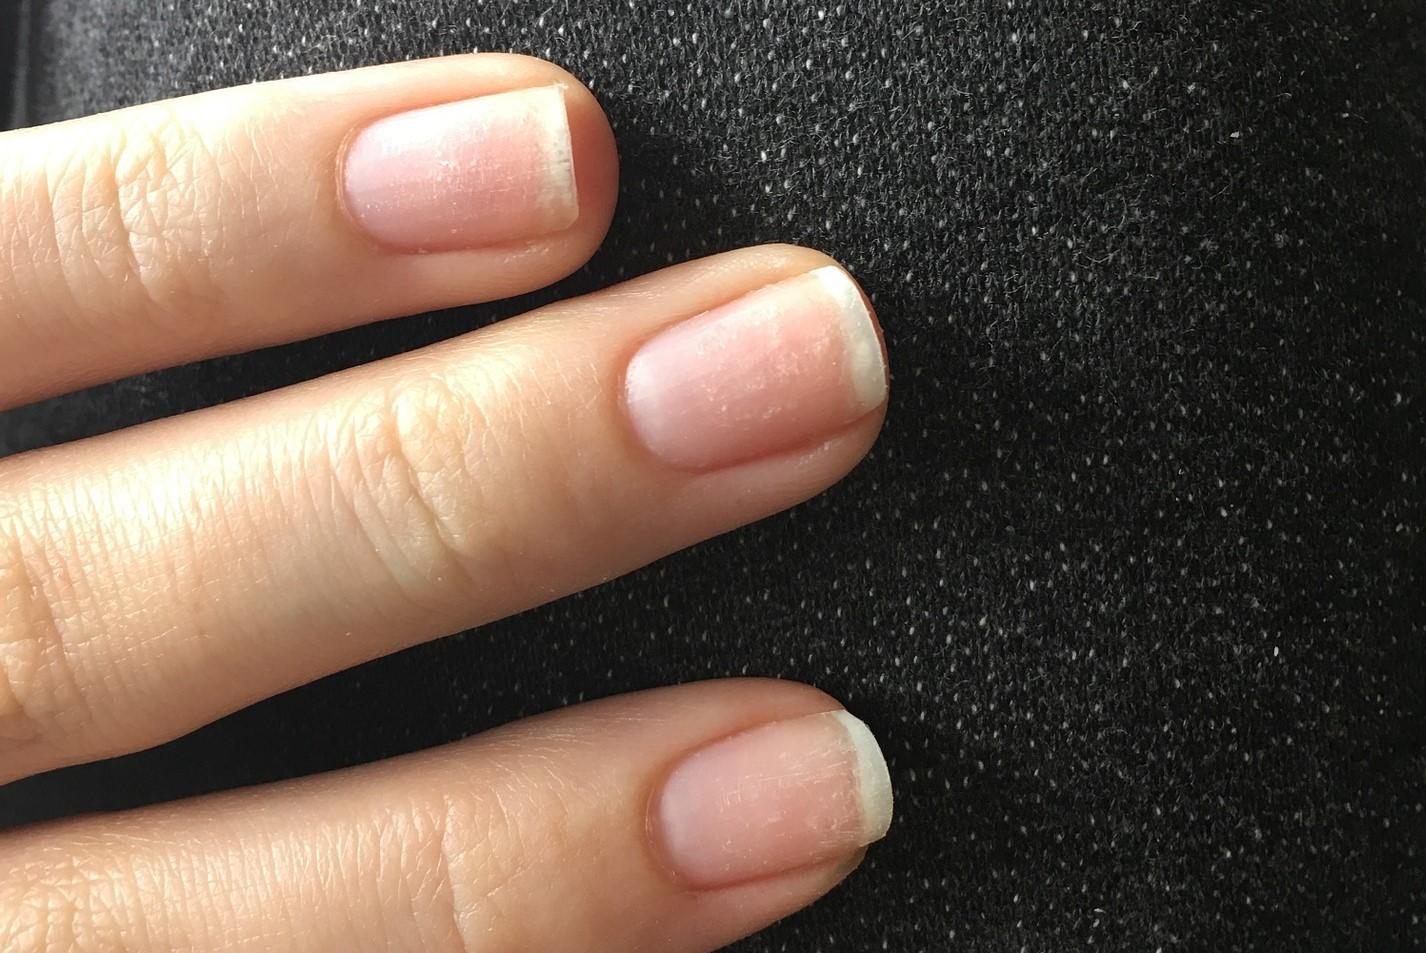 Migliori rinforzanti unghie